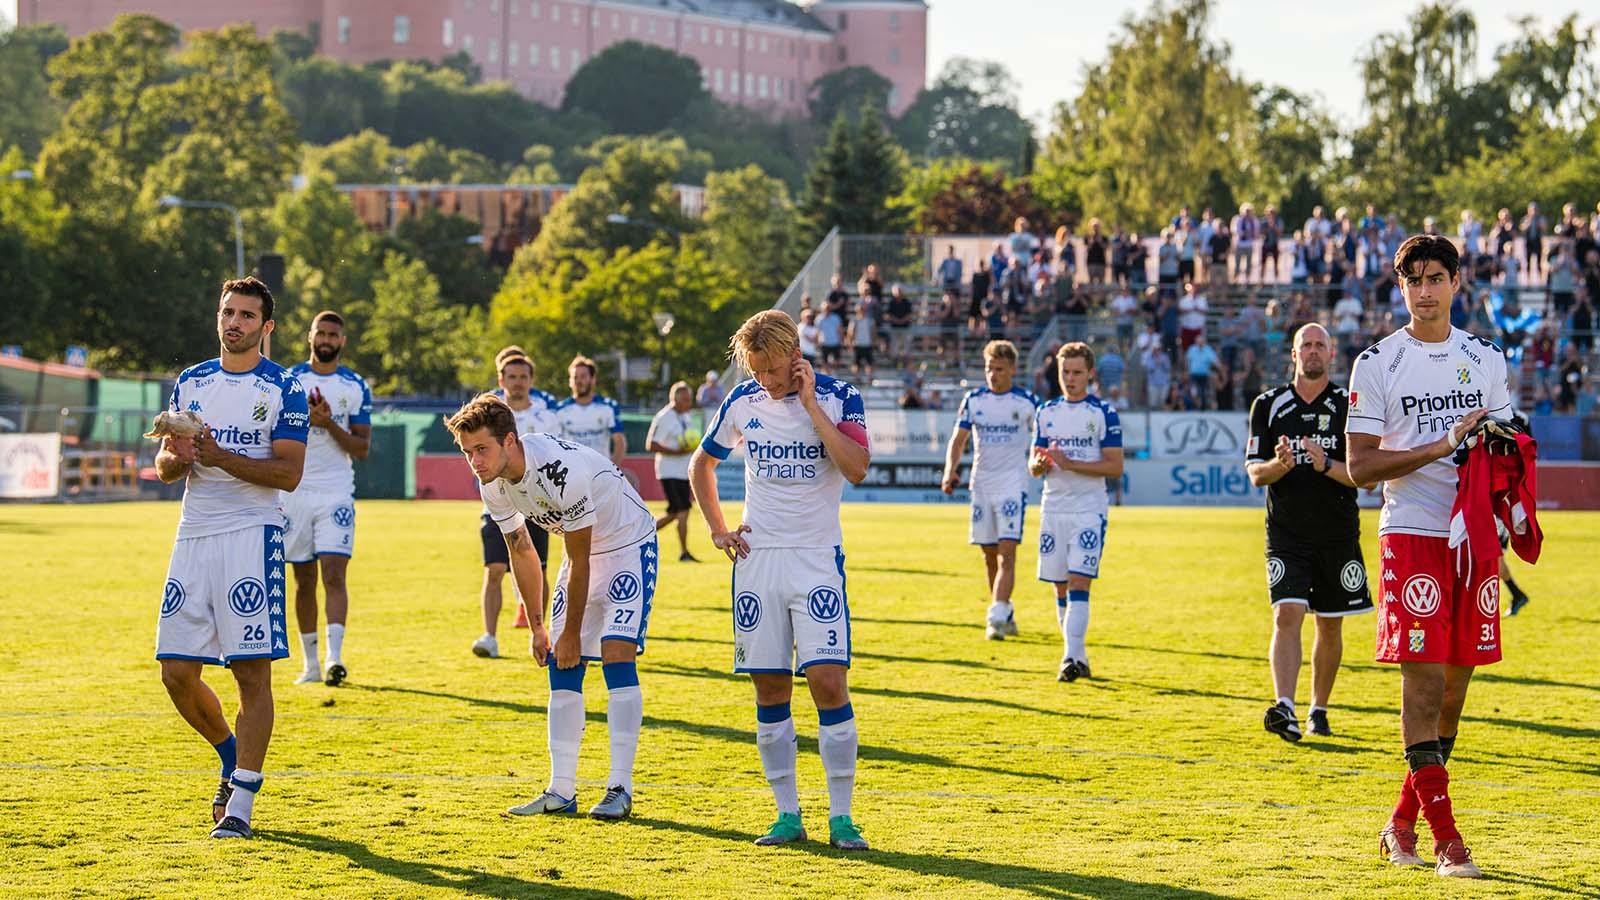 180722 IFK Göteborgs spelare deppar efter fotbollsmatchen i Allsvenskan mellan Sirius och IFK Göteborg den 22 juli 2018 i Uppsala. Foto: Jonathan Näckstrand / BILDBYRÅN / Cop 94